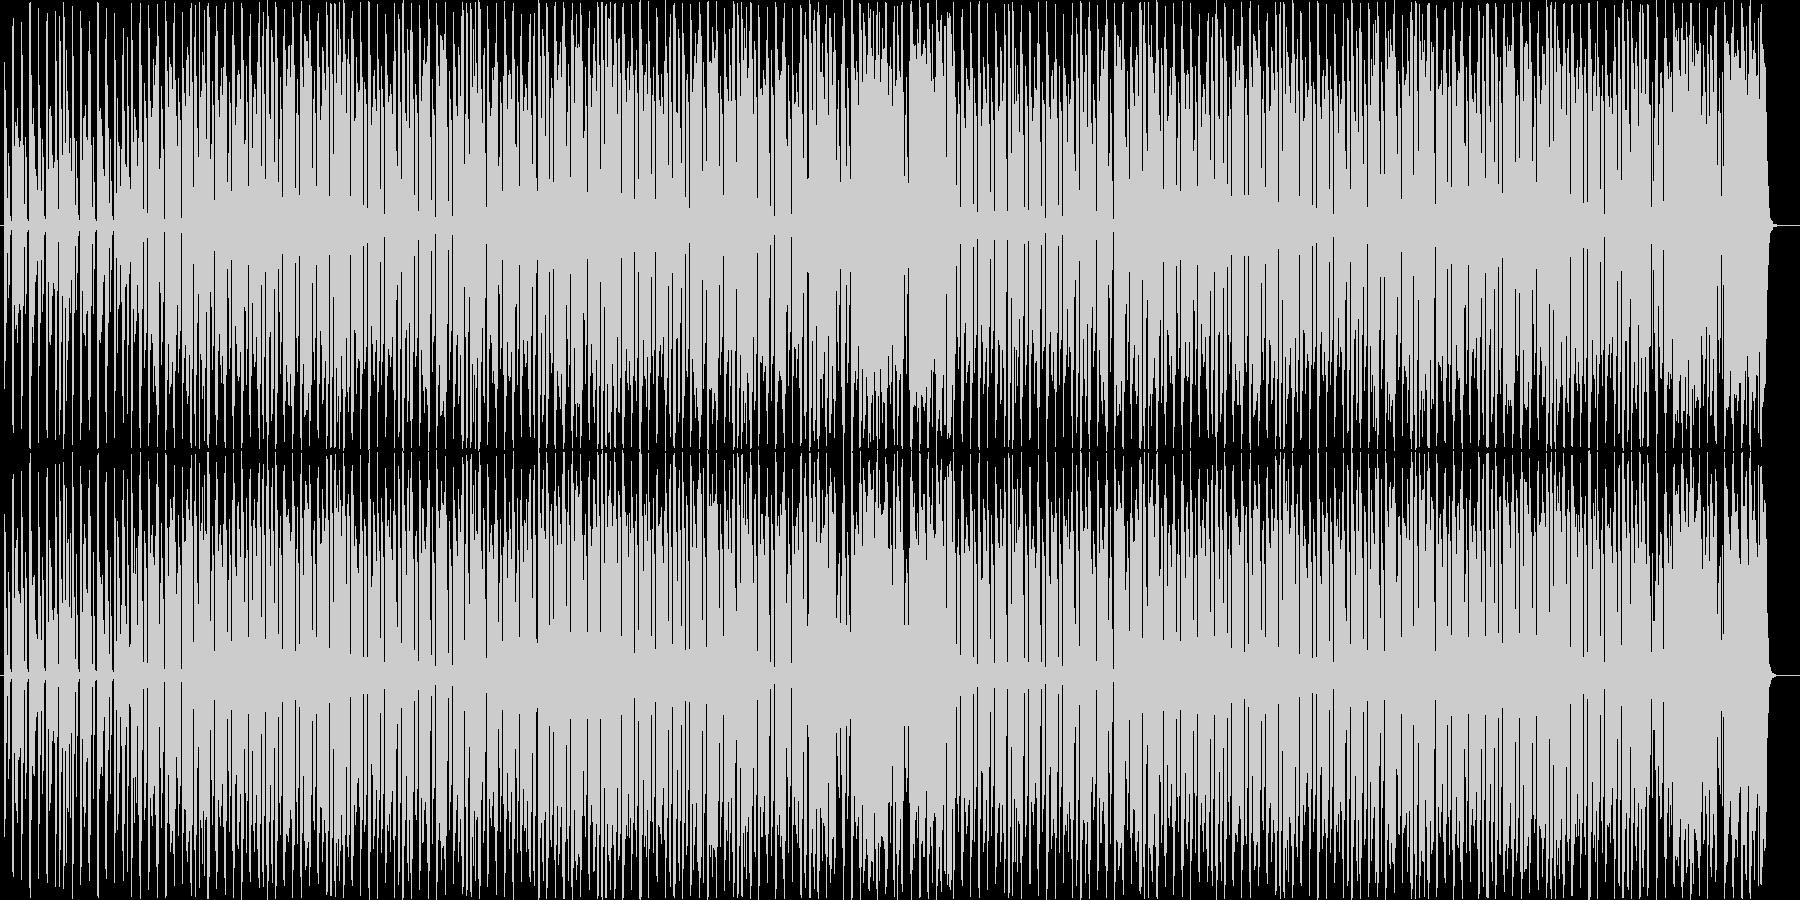 軽快でスキップしたくなるようなBGMの未再生の波形